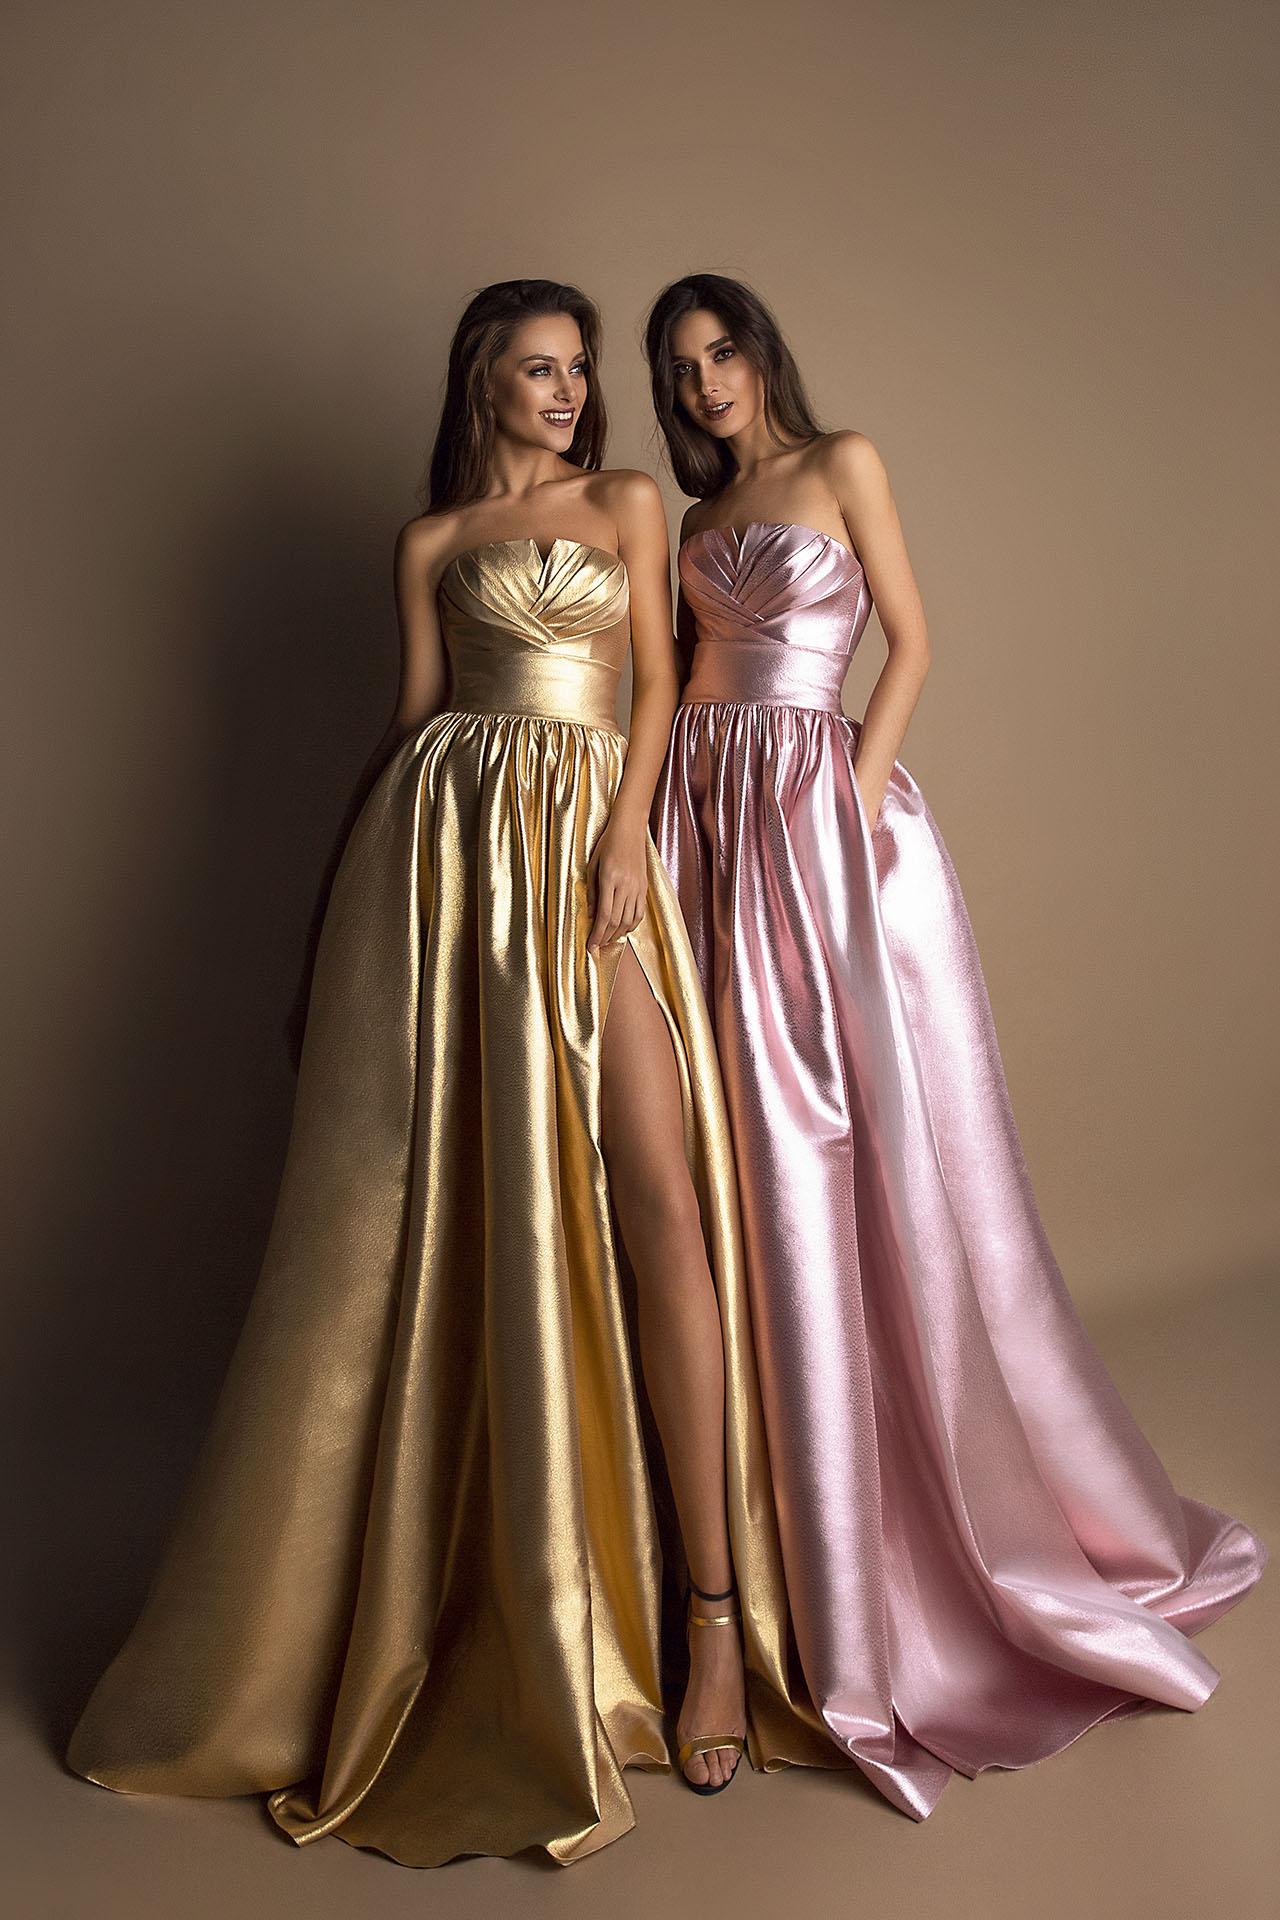 SUKIENKI WIECZOROWE 1610 golden Sylwetka  Balowa suknia   Kolor  Różowy  Złoty  Dekolt  Prosty  Rękawy  Bez rękawów  Flex  Bez trenu